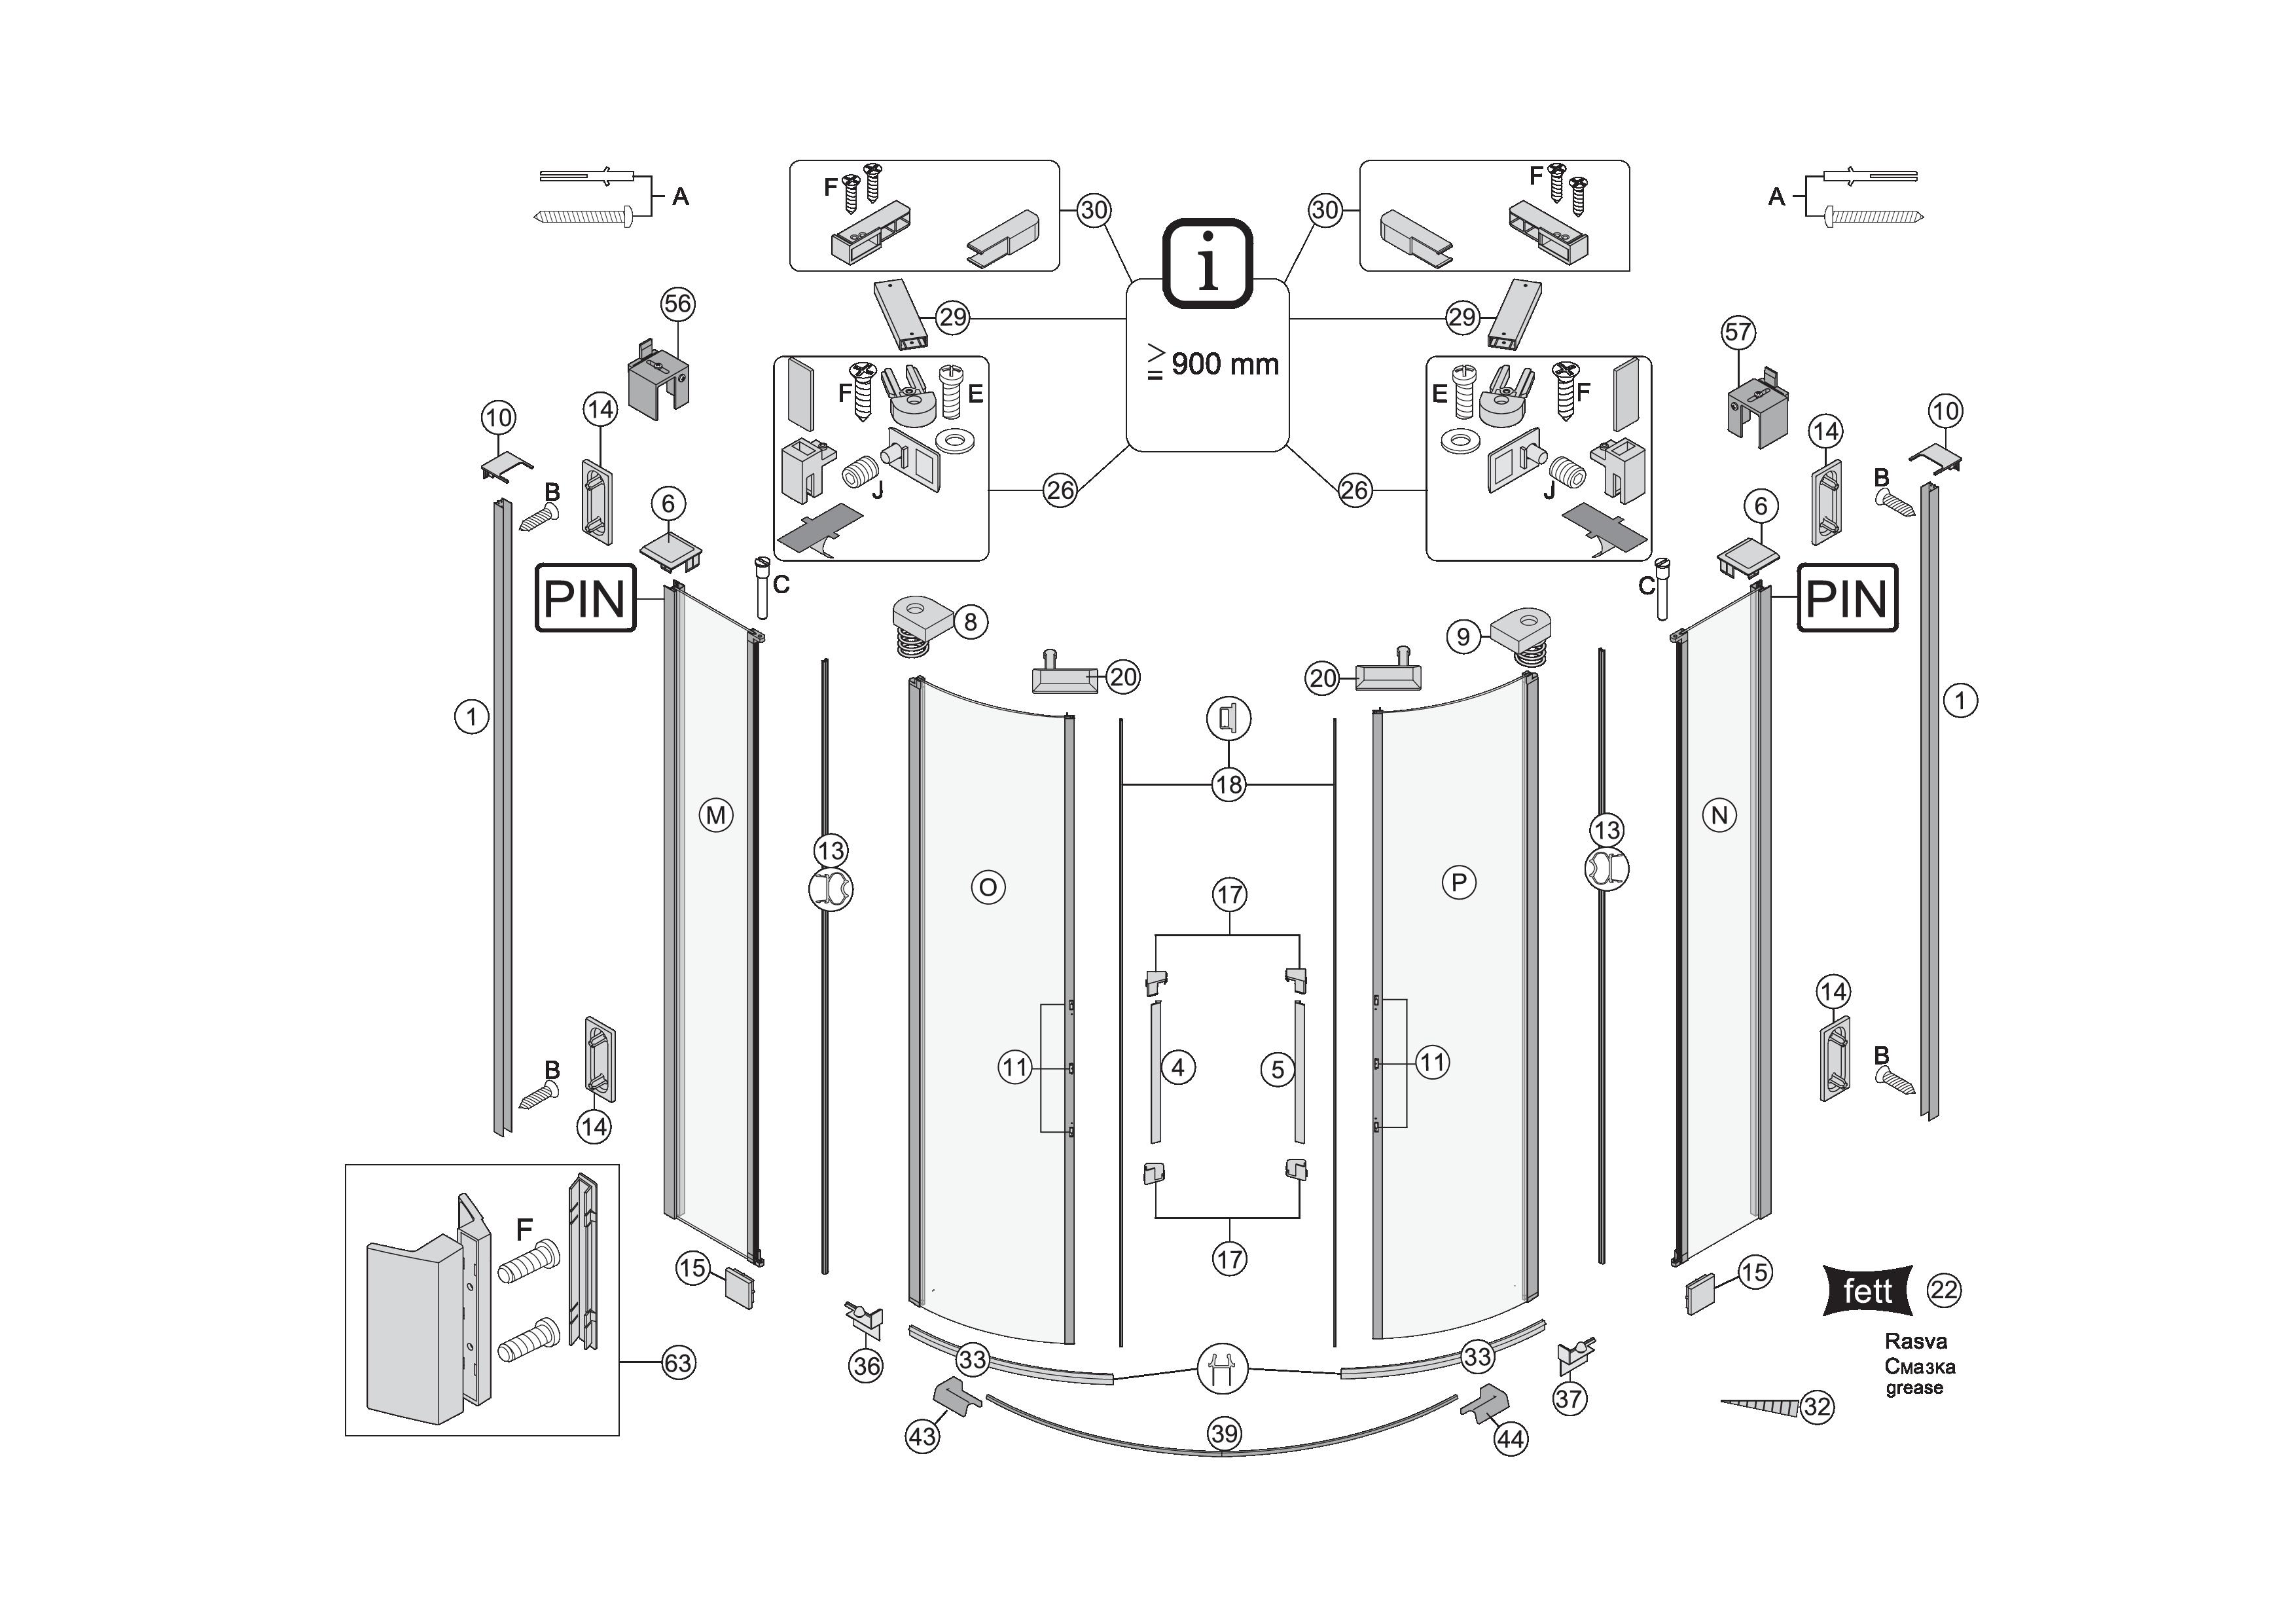 ersatzteile f r s400 eckdusche mit festelementen und. Black Bedroom Furniture Sets. Home Design Ideas